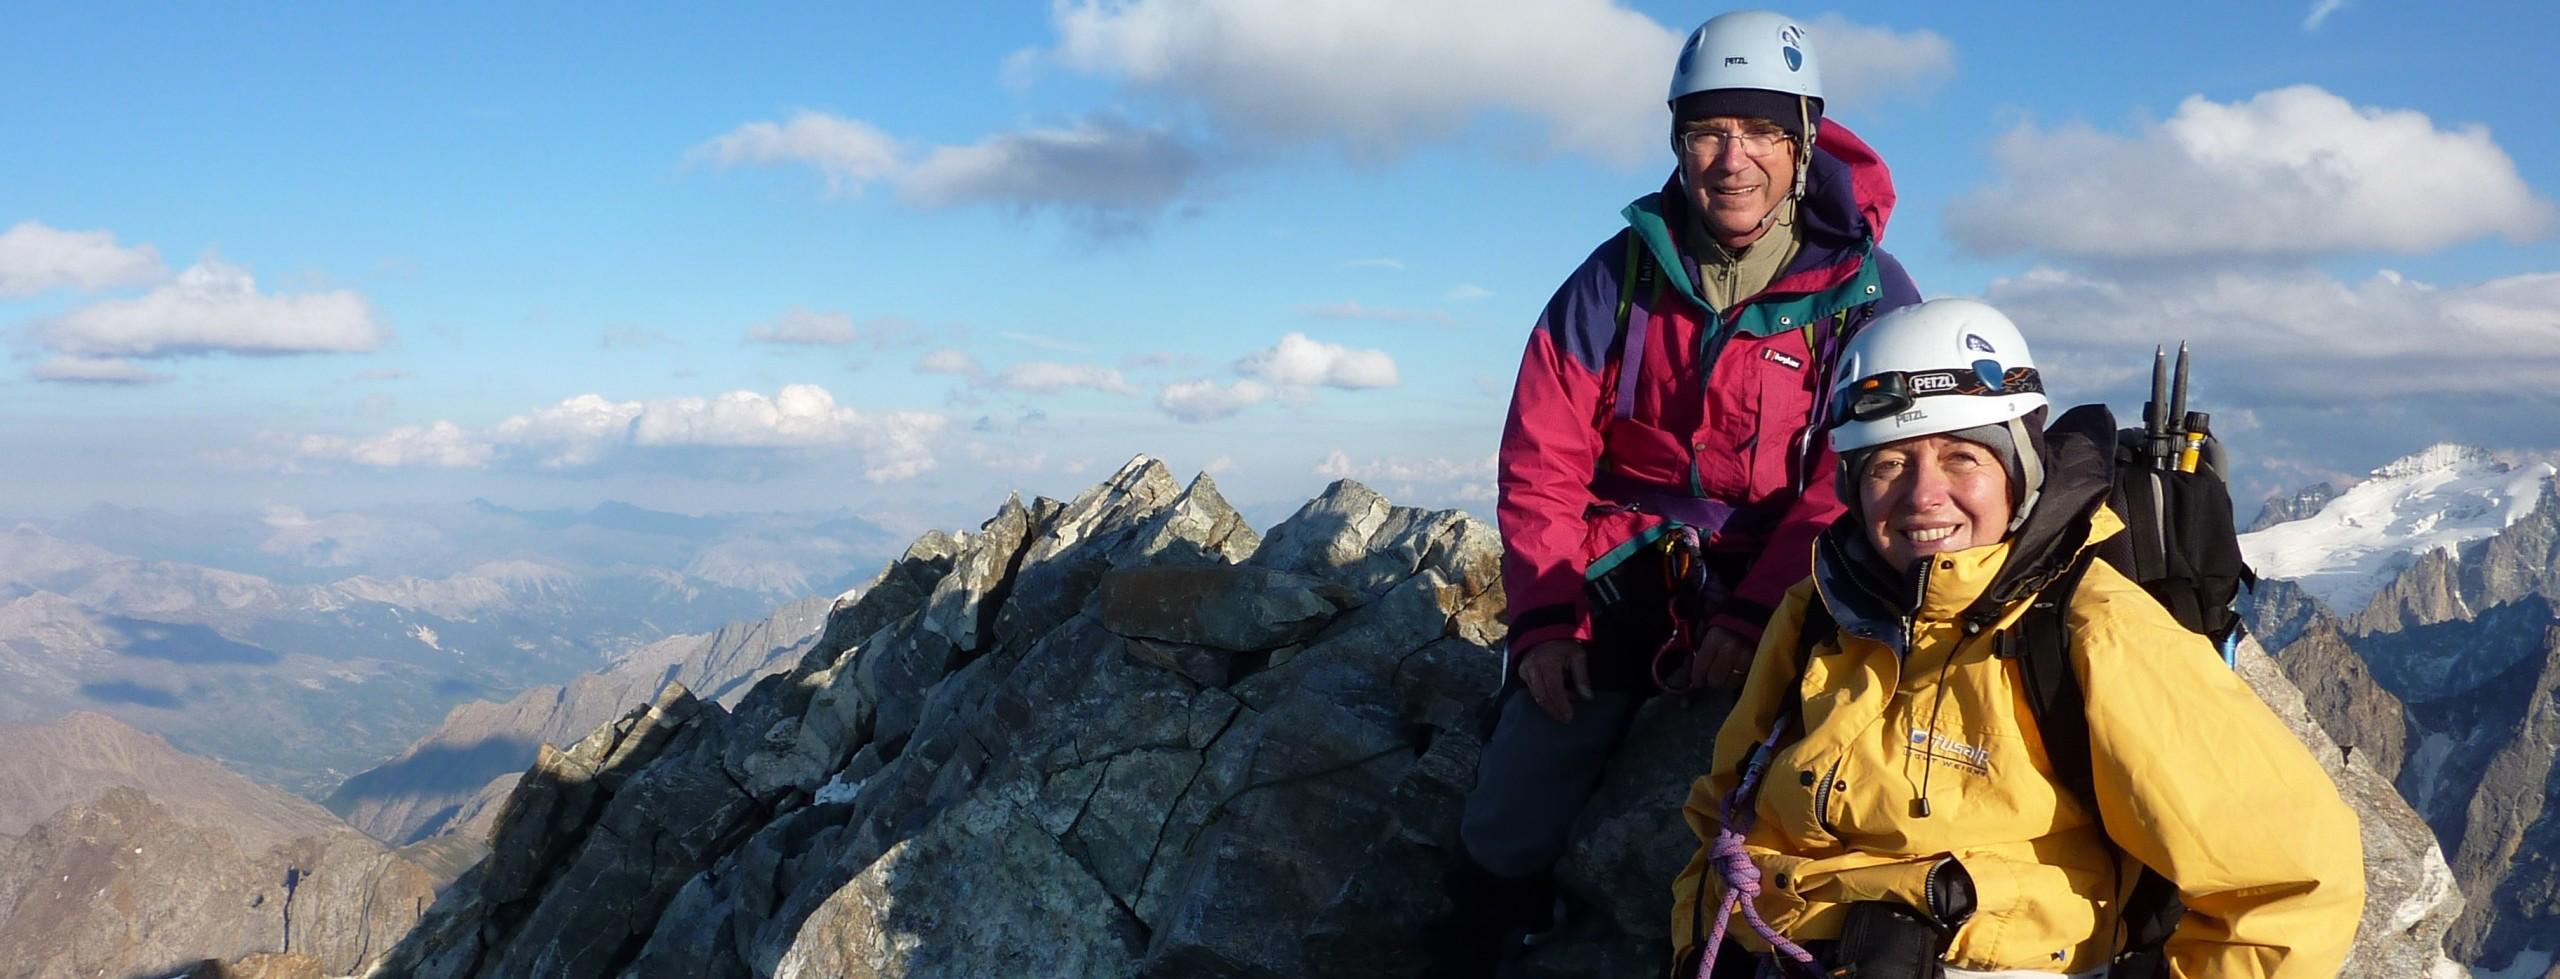 Alpinisme dans les Ecrins et le Queyras.